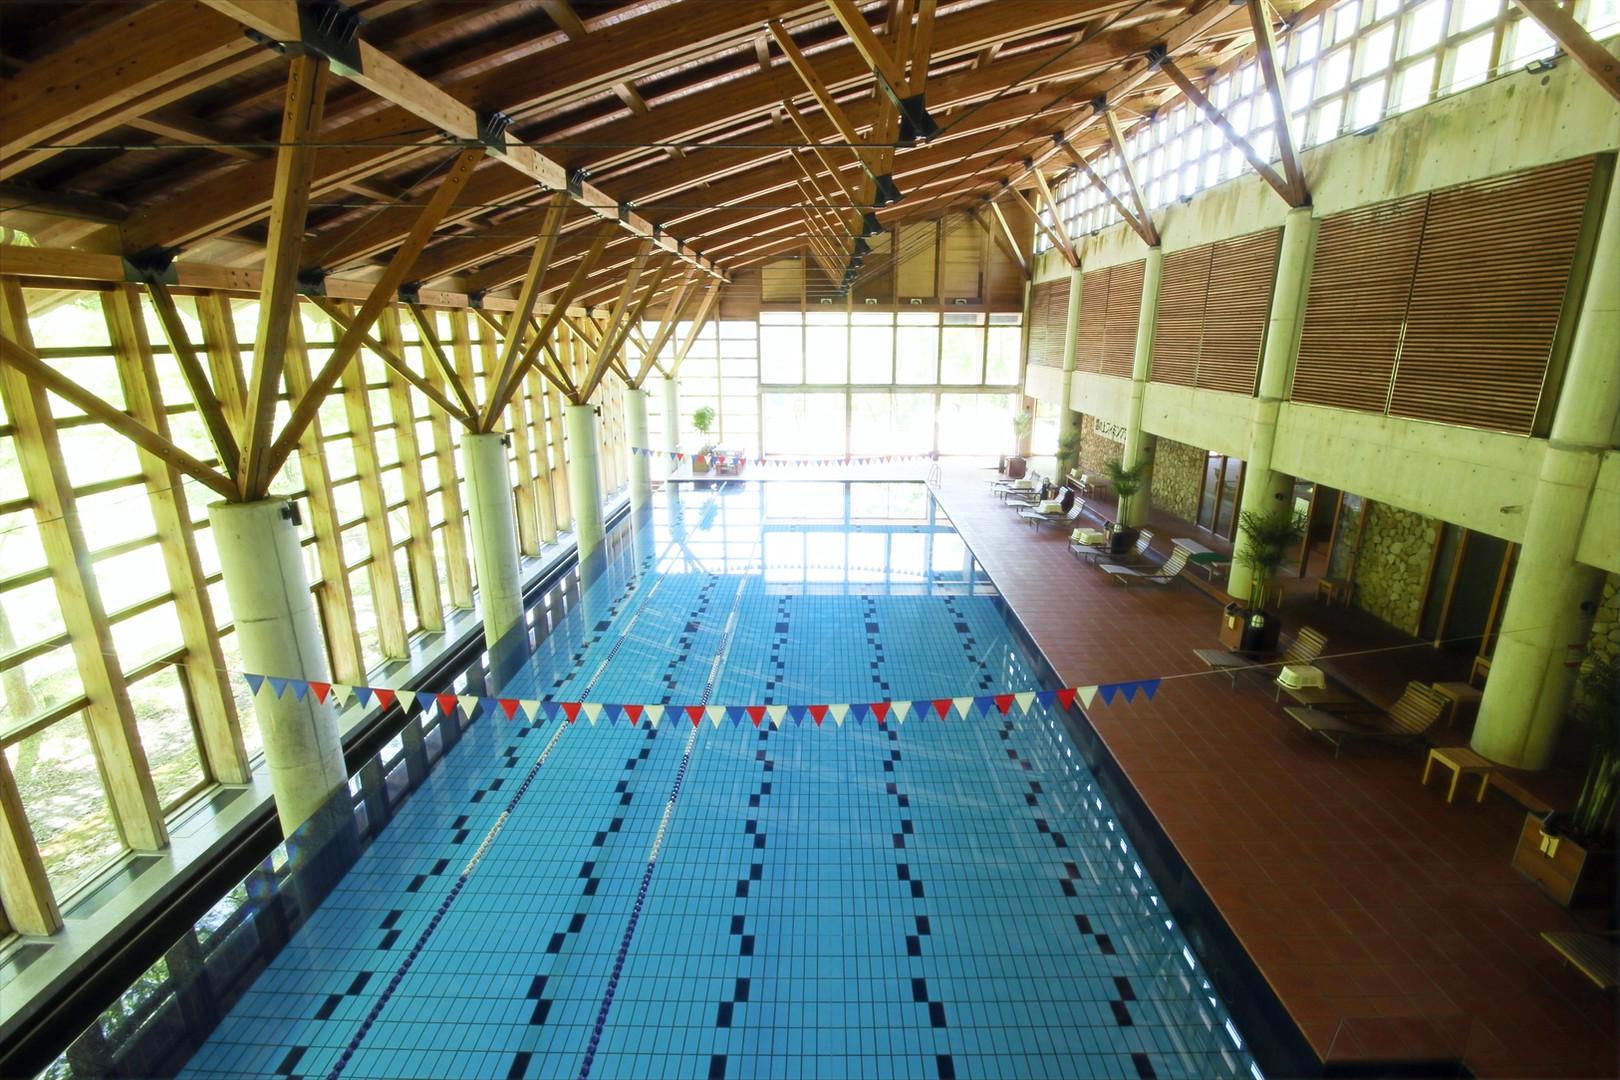 Pool%20(4)_edited.jpg